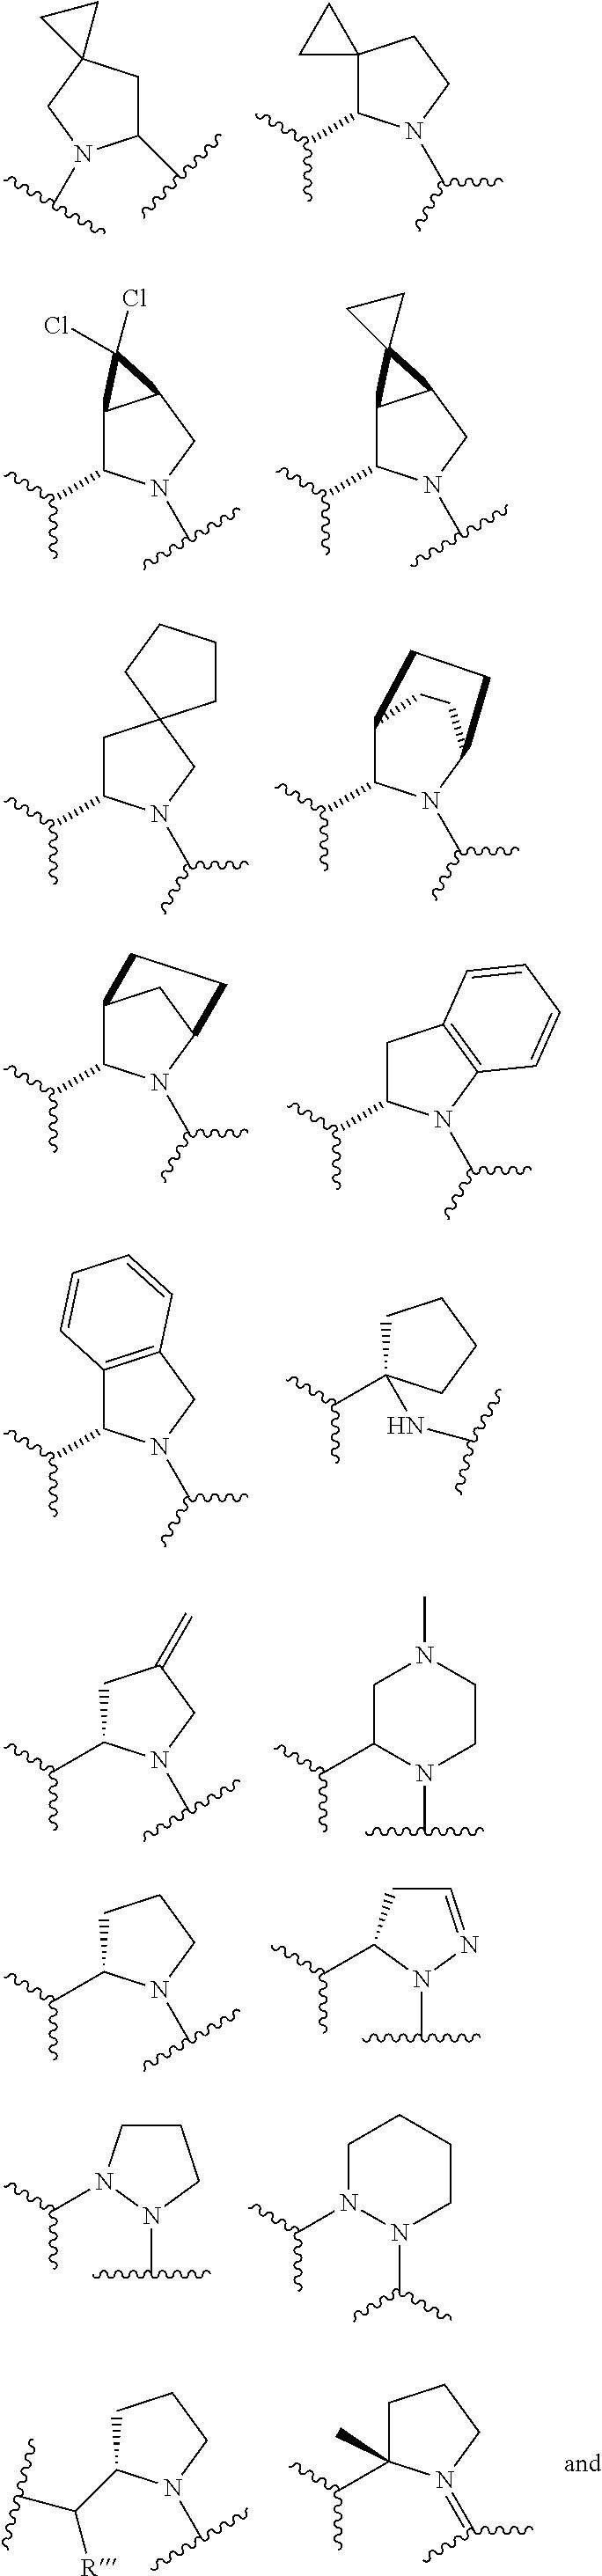 Figure US08841278-20140923-C00320